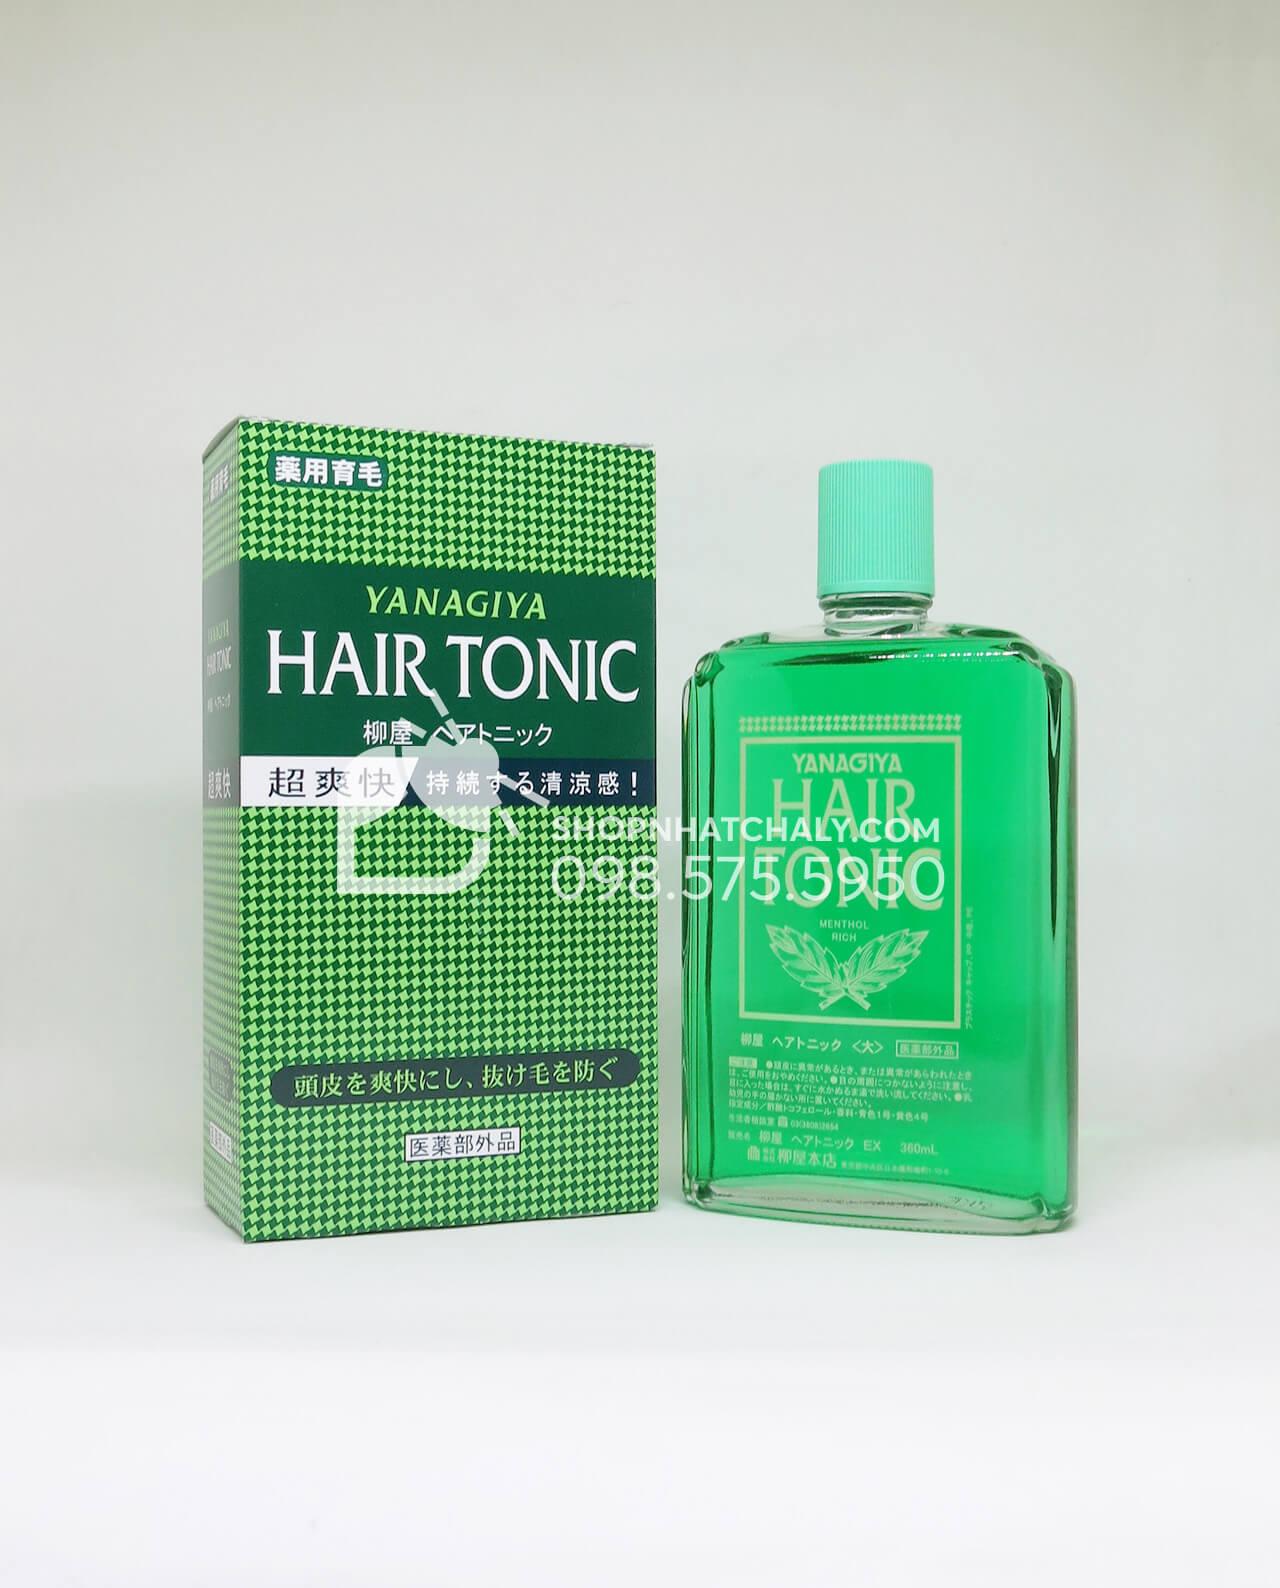 Thuốc chống rụng tóc và kích thích mọc tóc trị hói Nhật Bản Hair Tonic Yanagiya 360ml chai màu đậm